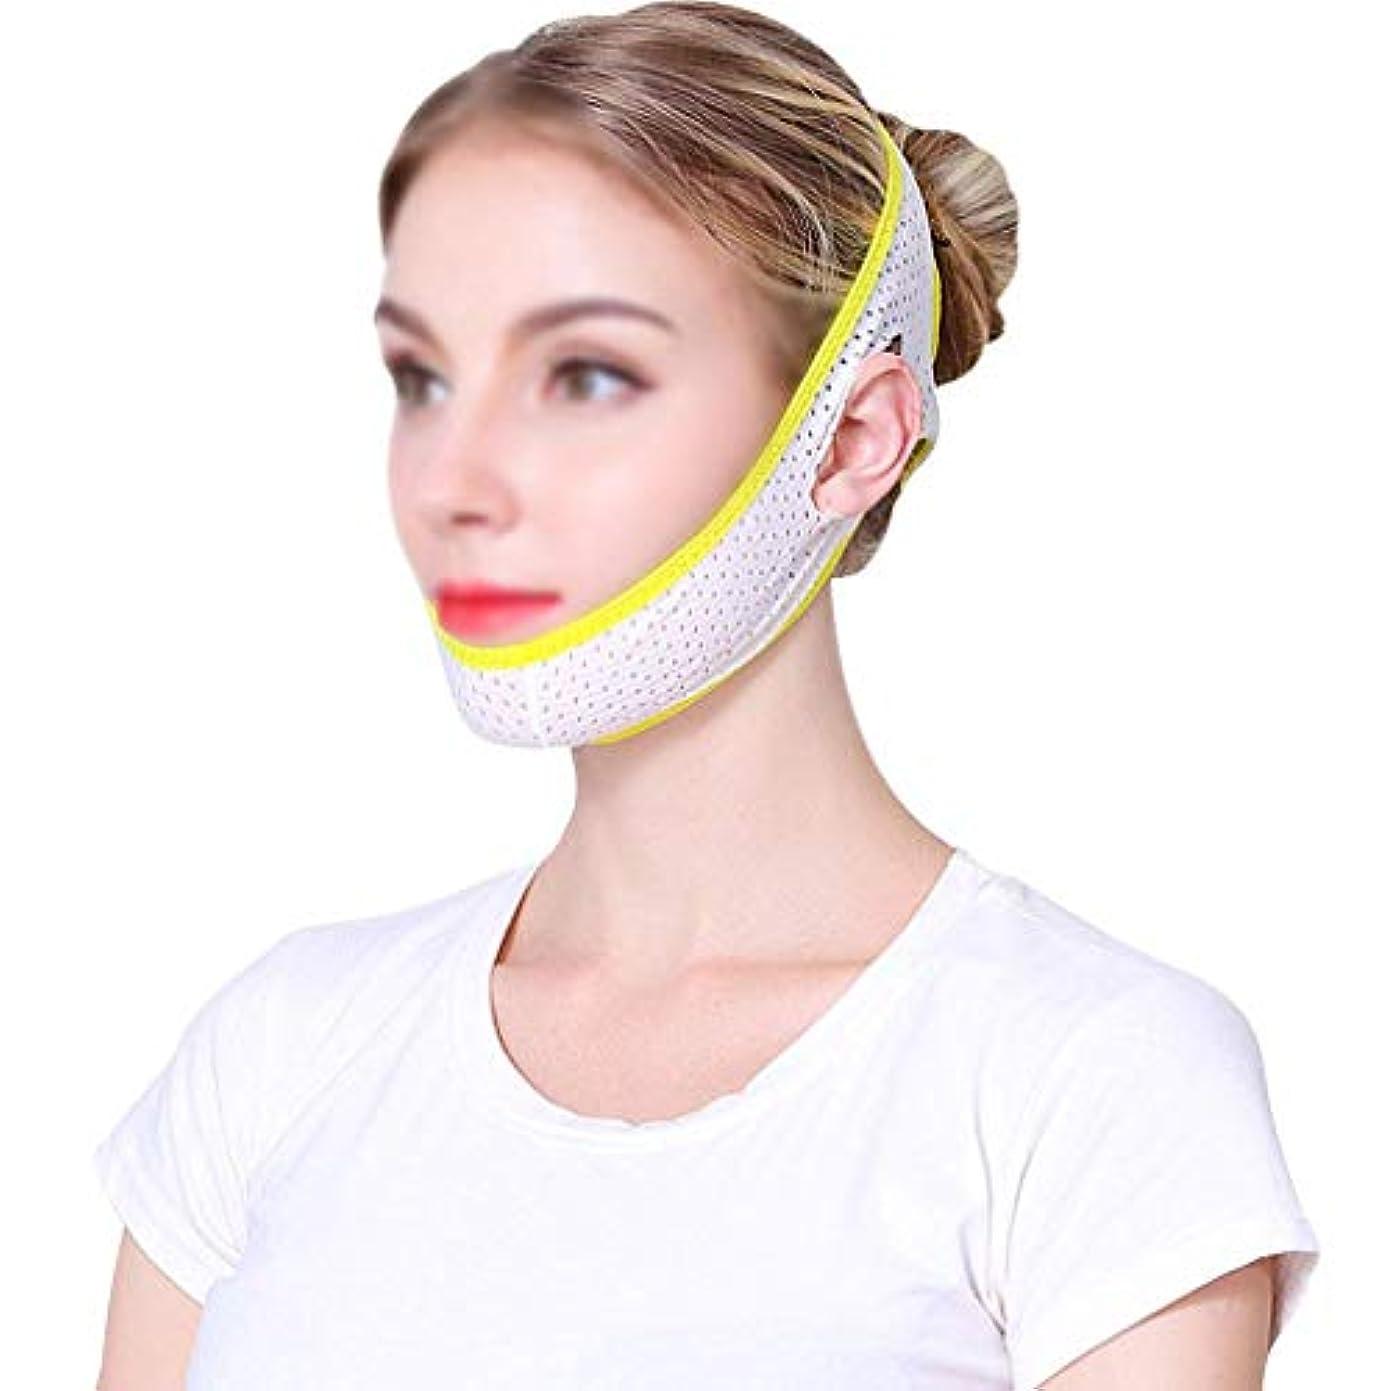 エキゾチックグリット芸術リフトマスクマスク、夏の通気性の薄いセクションダブルチンストラップVフェイス薄いフェイスマスク